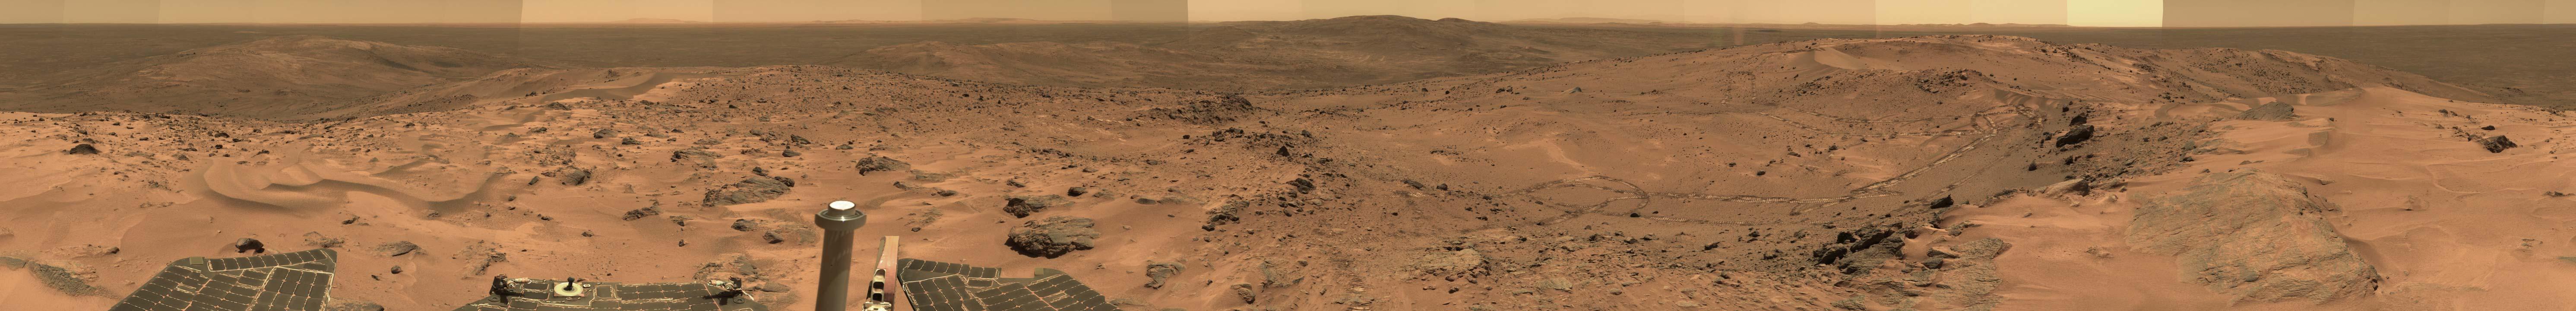 Un petit tour sur la planère Mars 131208